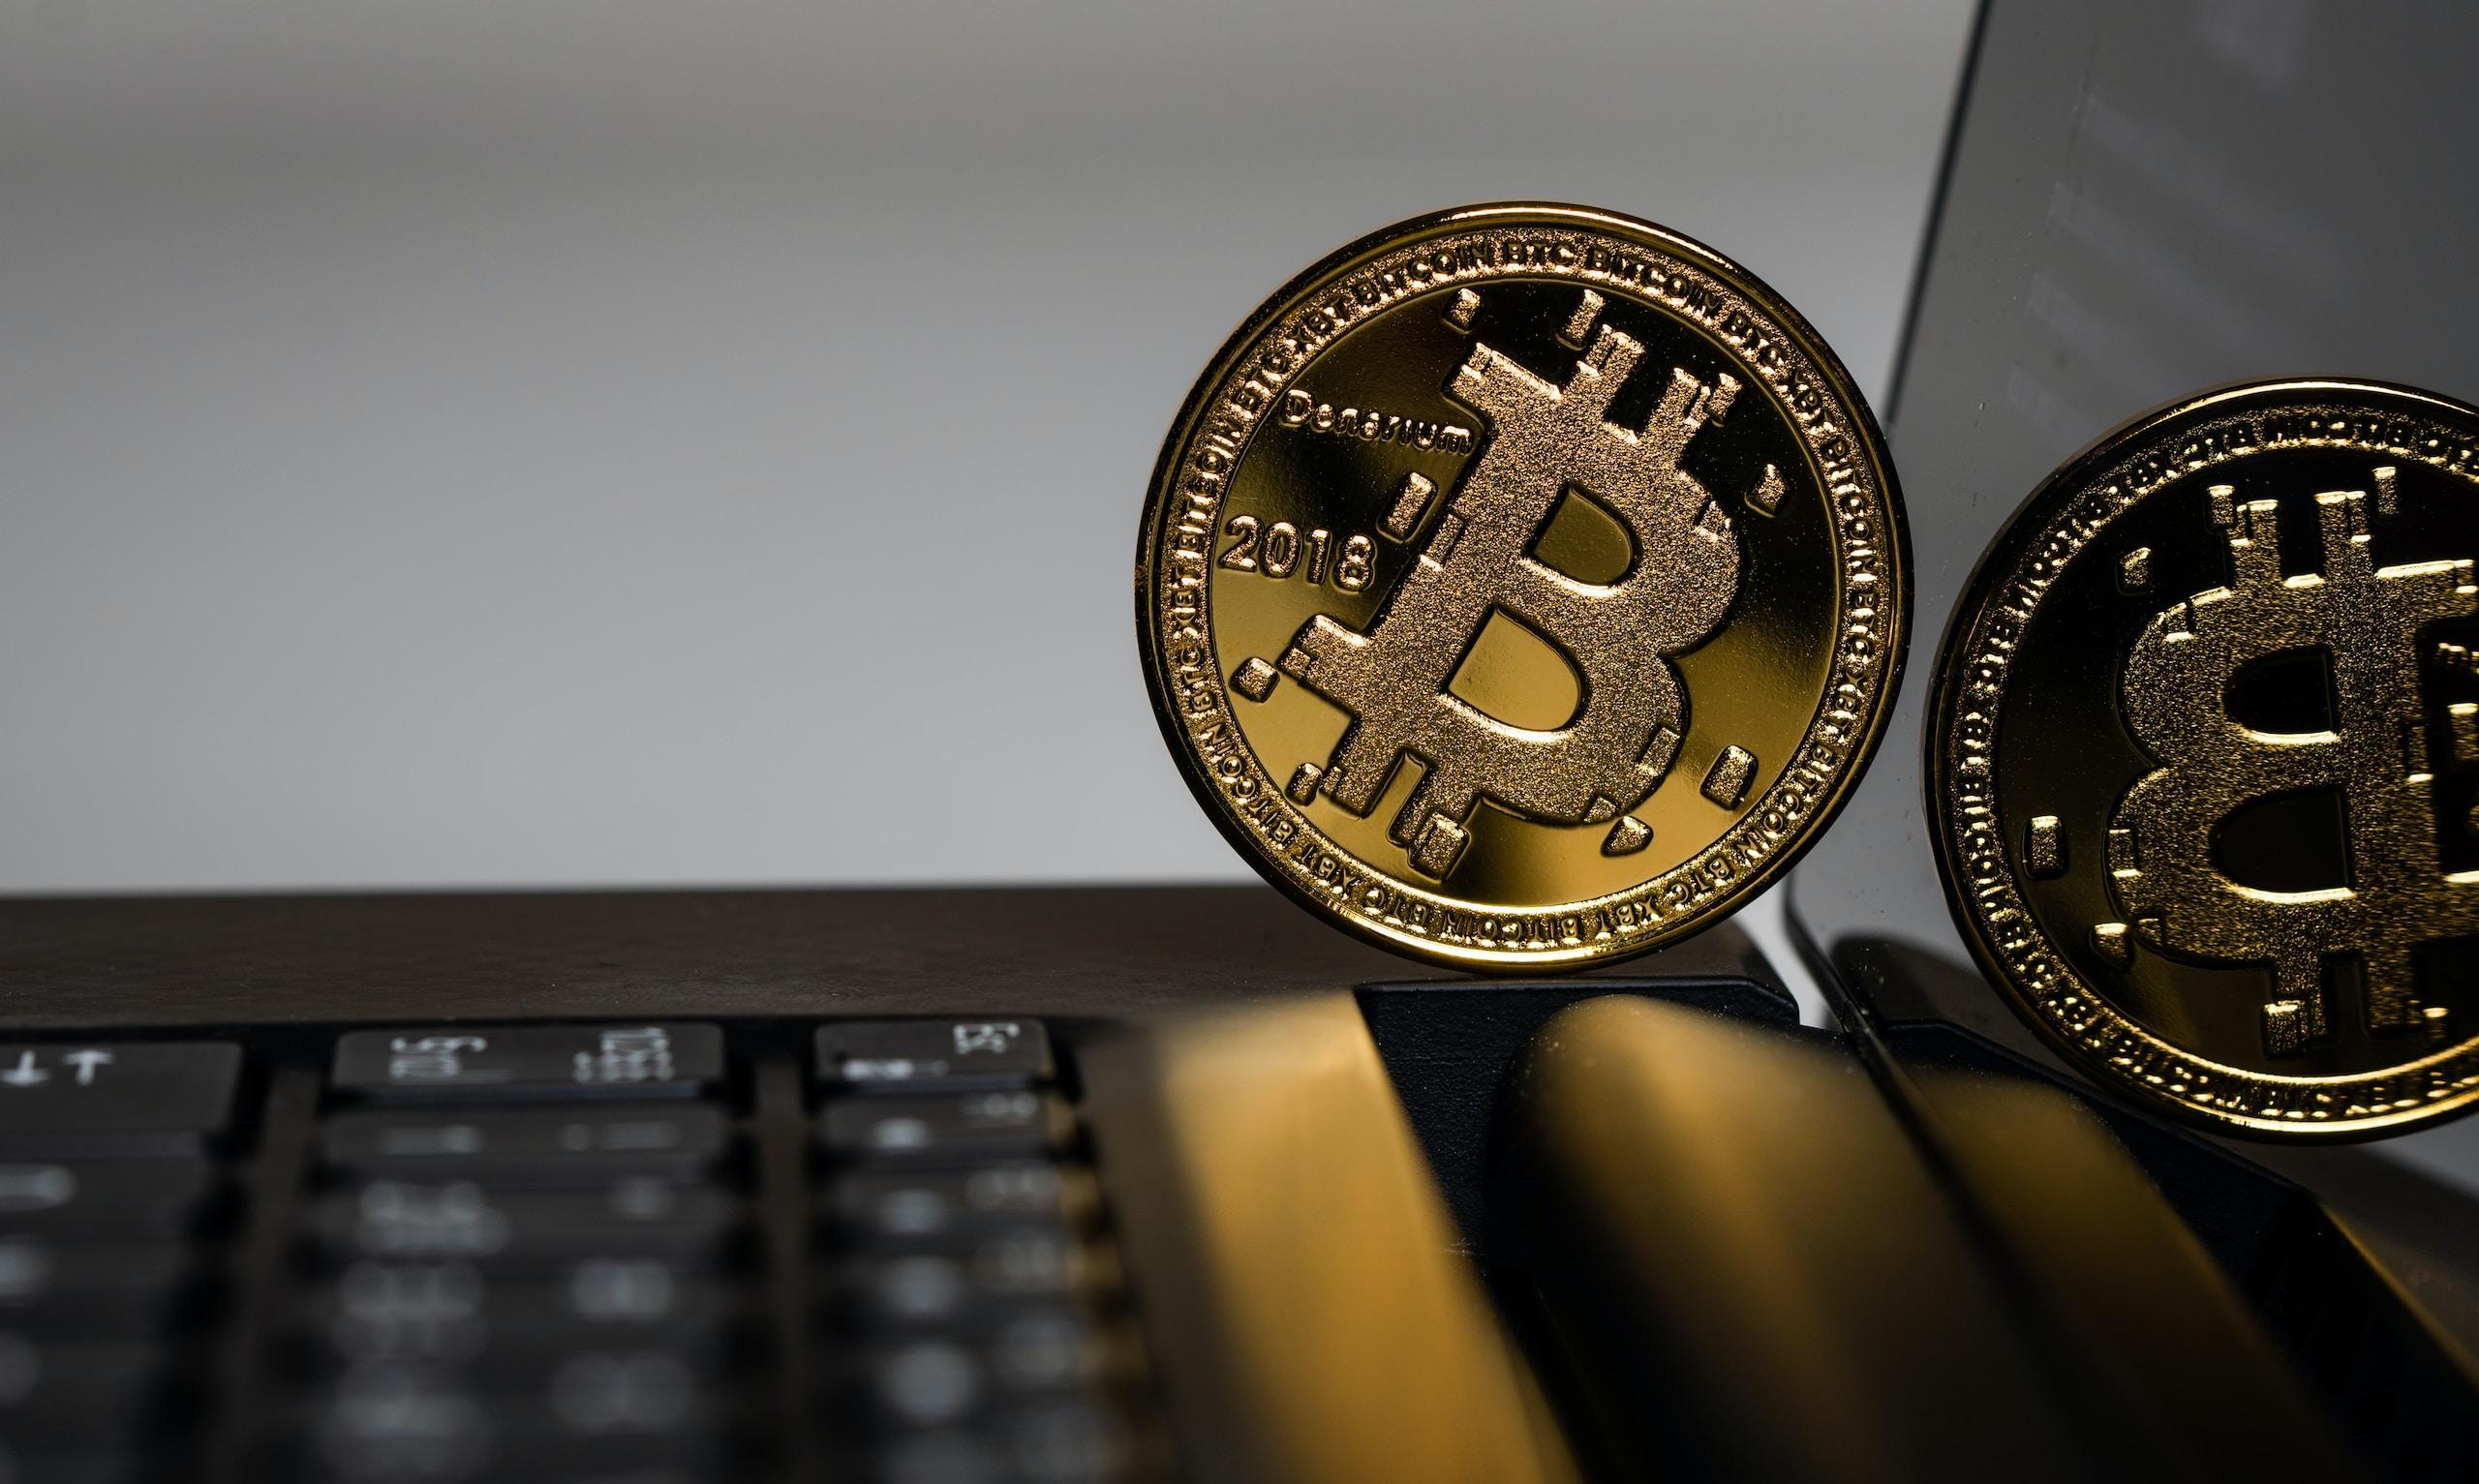 PayPal criptomonedas Bitcoin